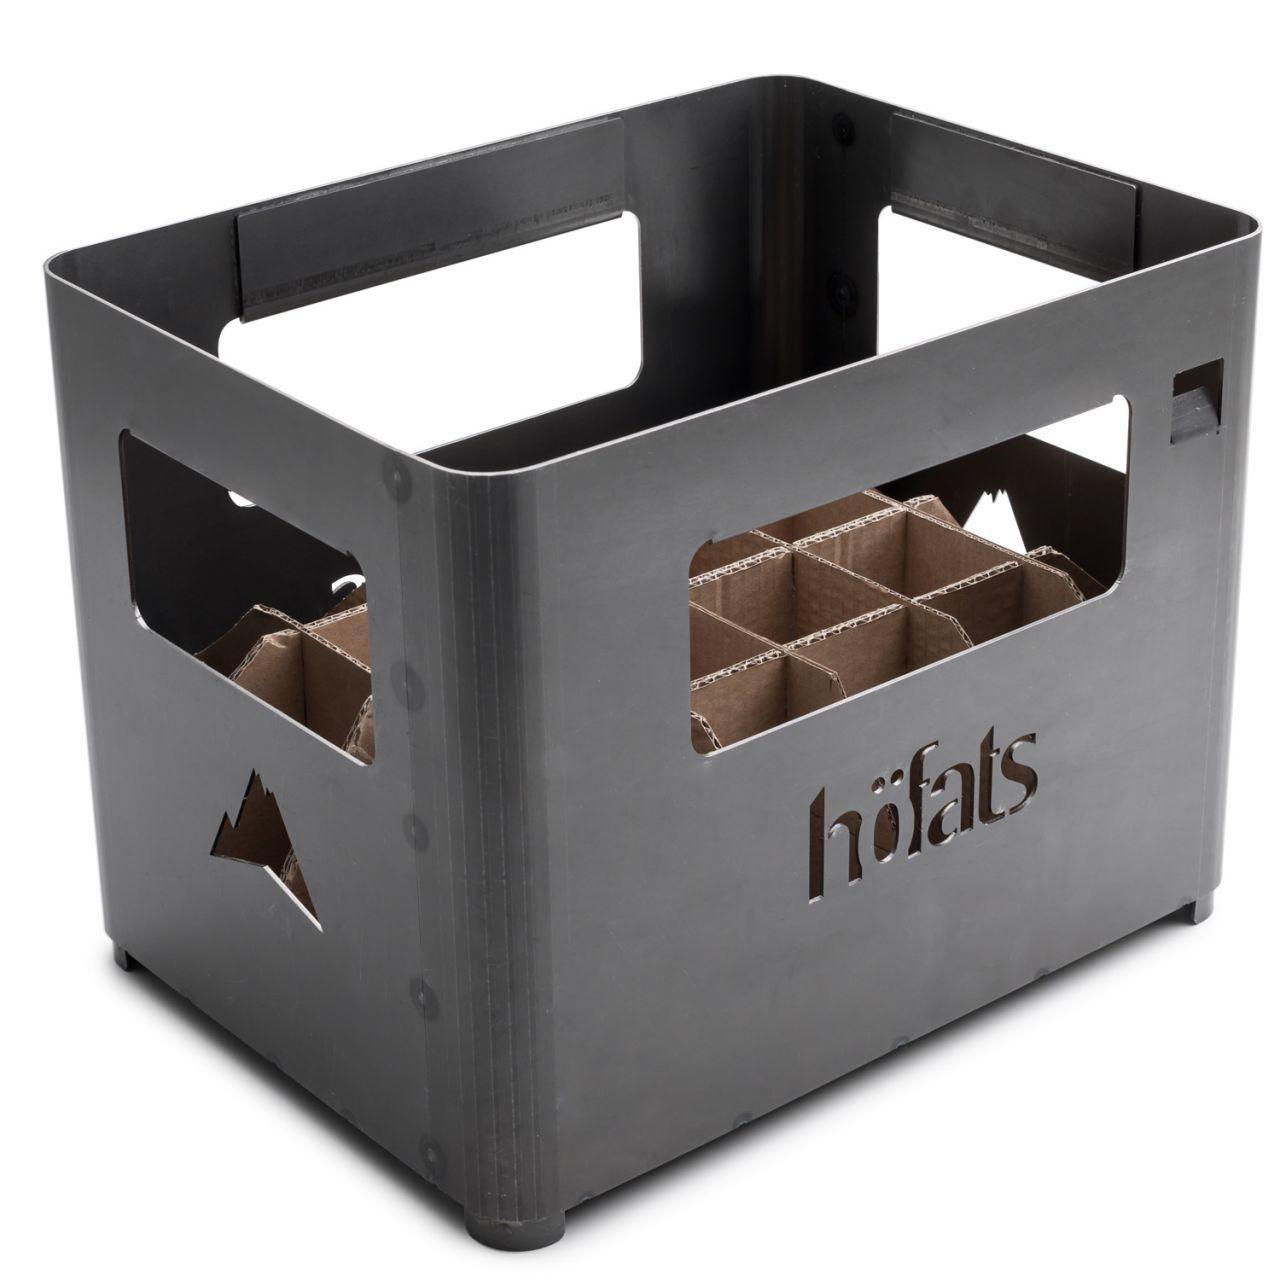 höfats - BEER BOX Feuerkorb 070101